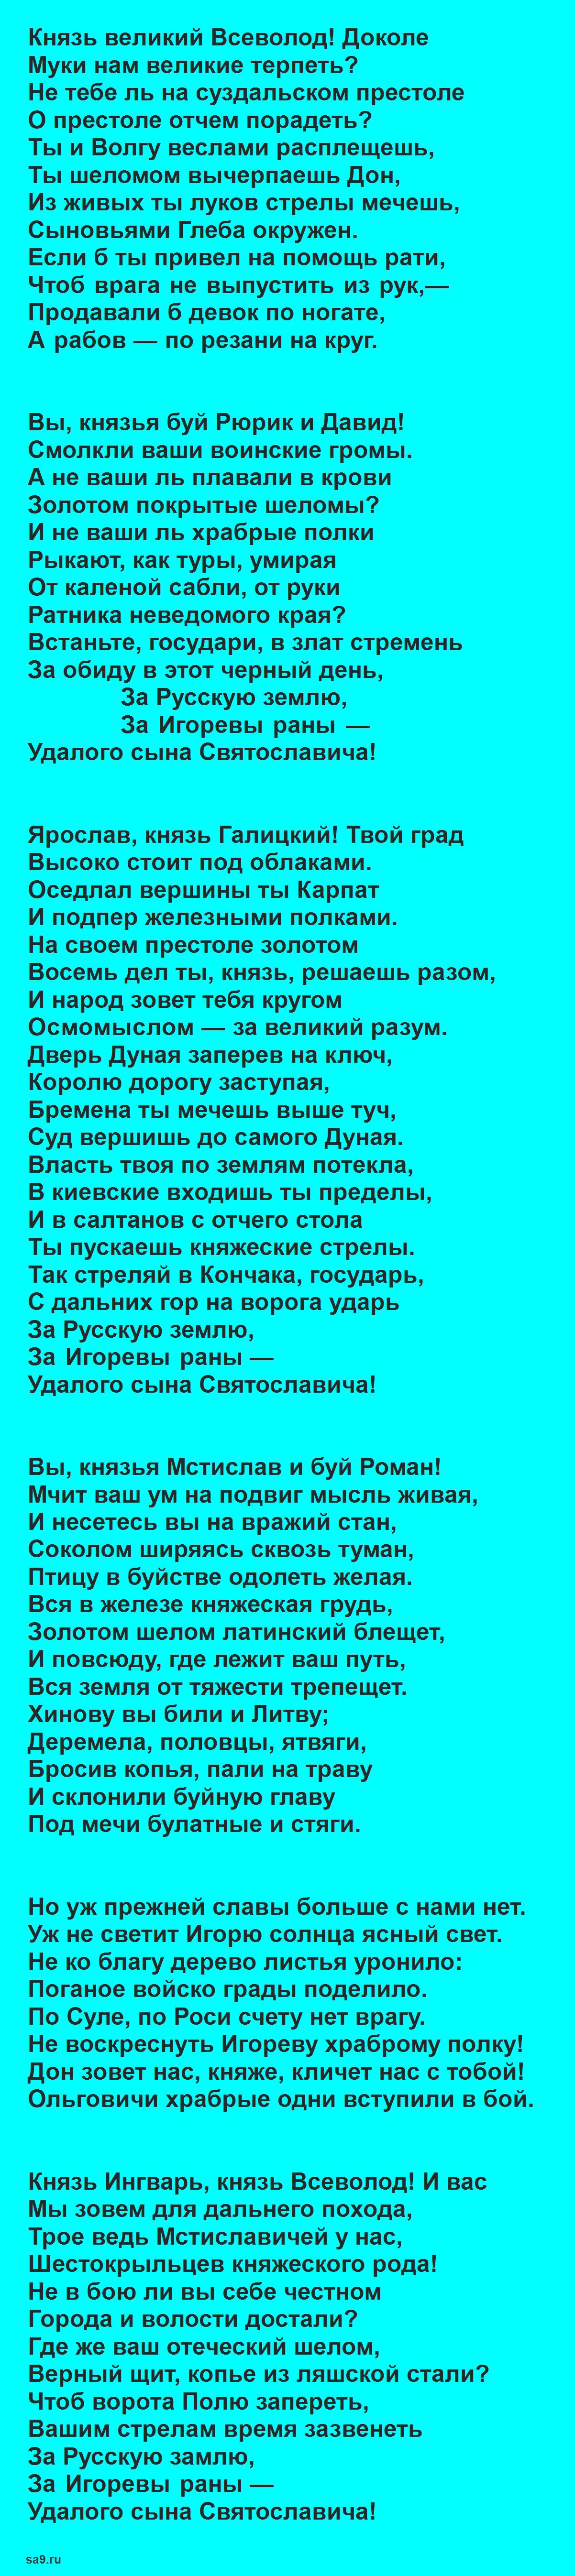 Жуковский - Слово о полку Игореве